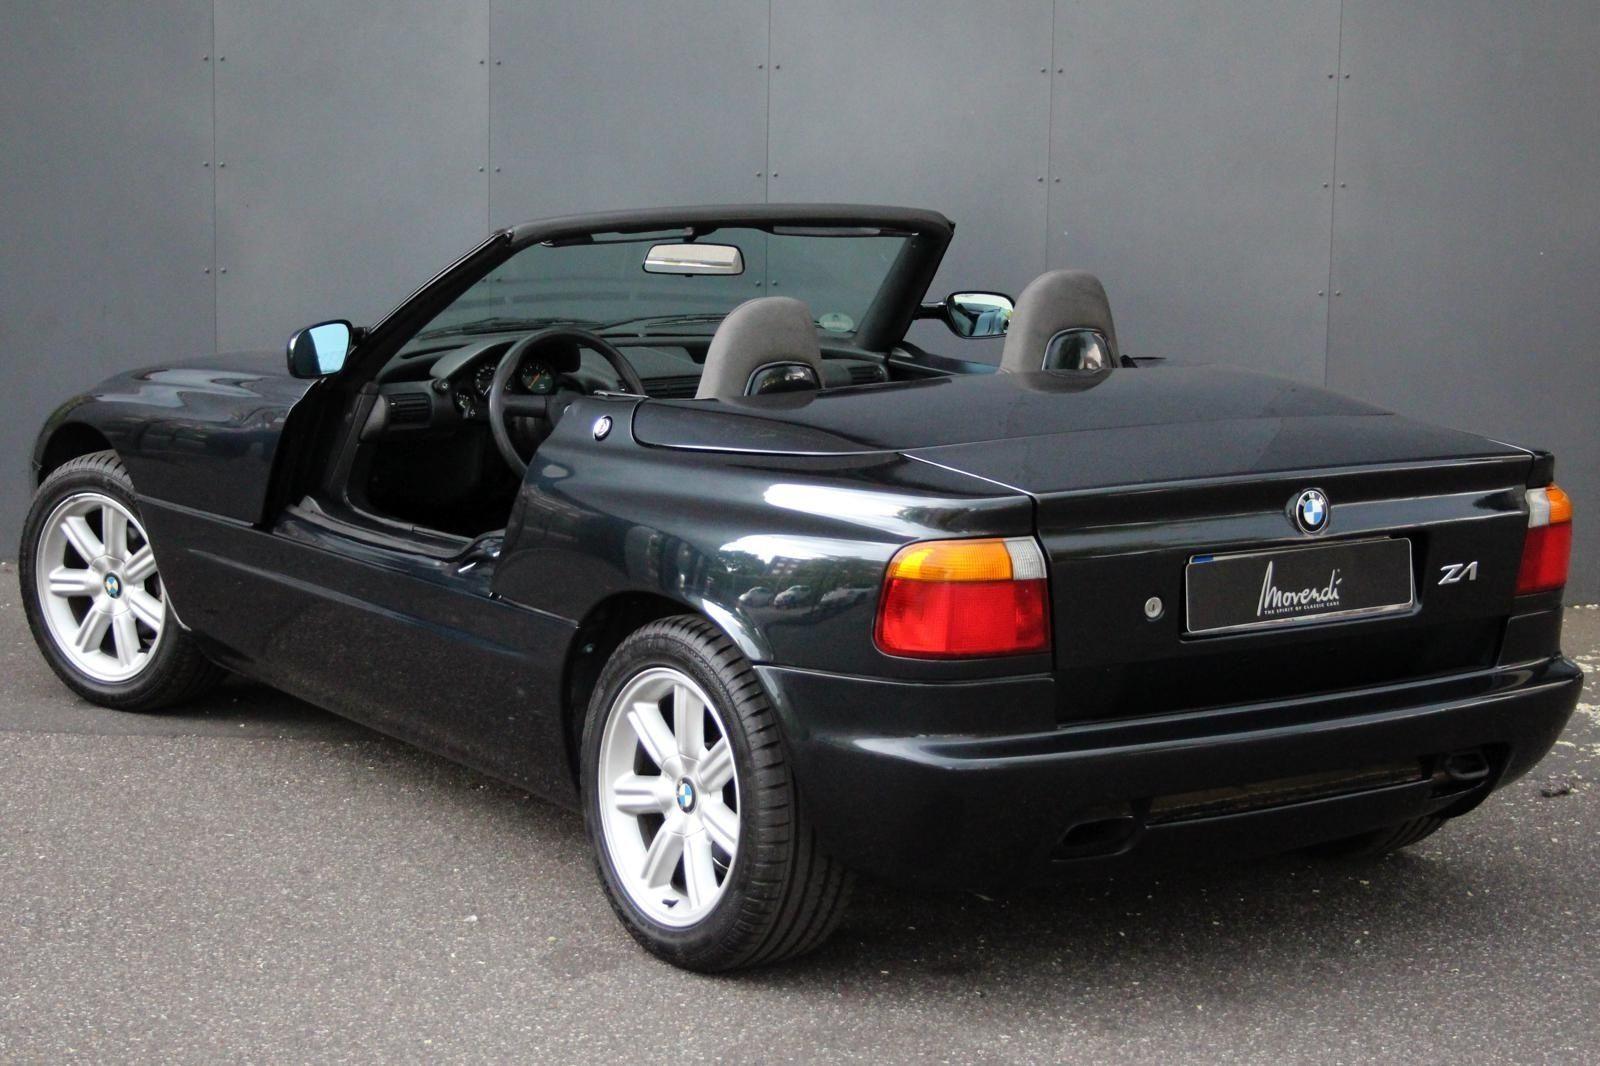 1991 Bmw Z1 Roadster Classic Driver Market Bmw Z1 Bmw Automotive Design